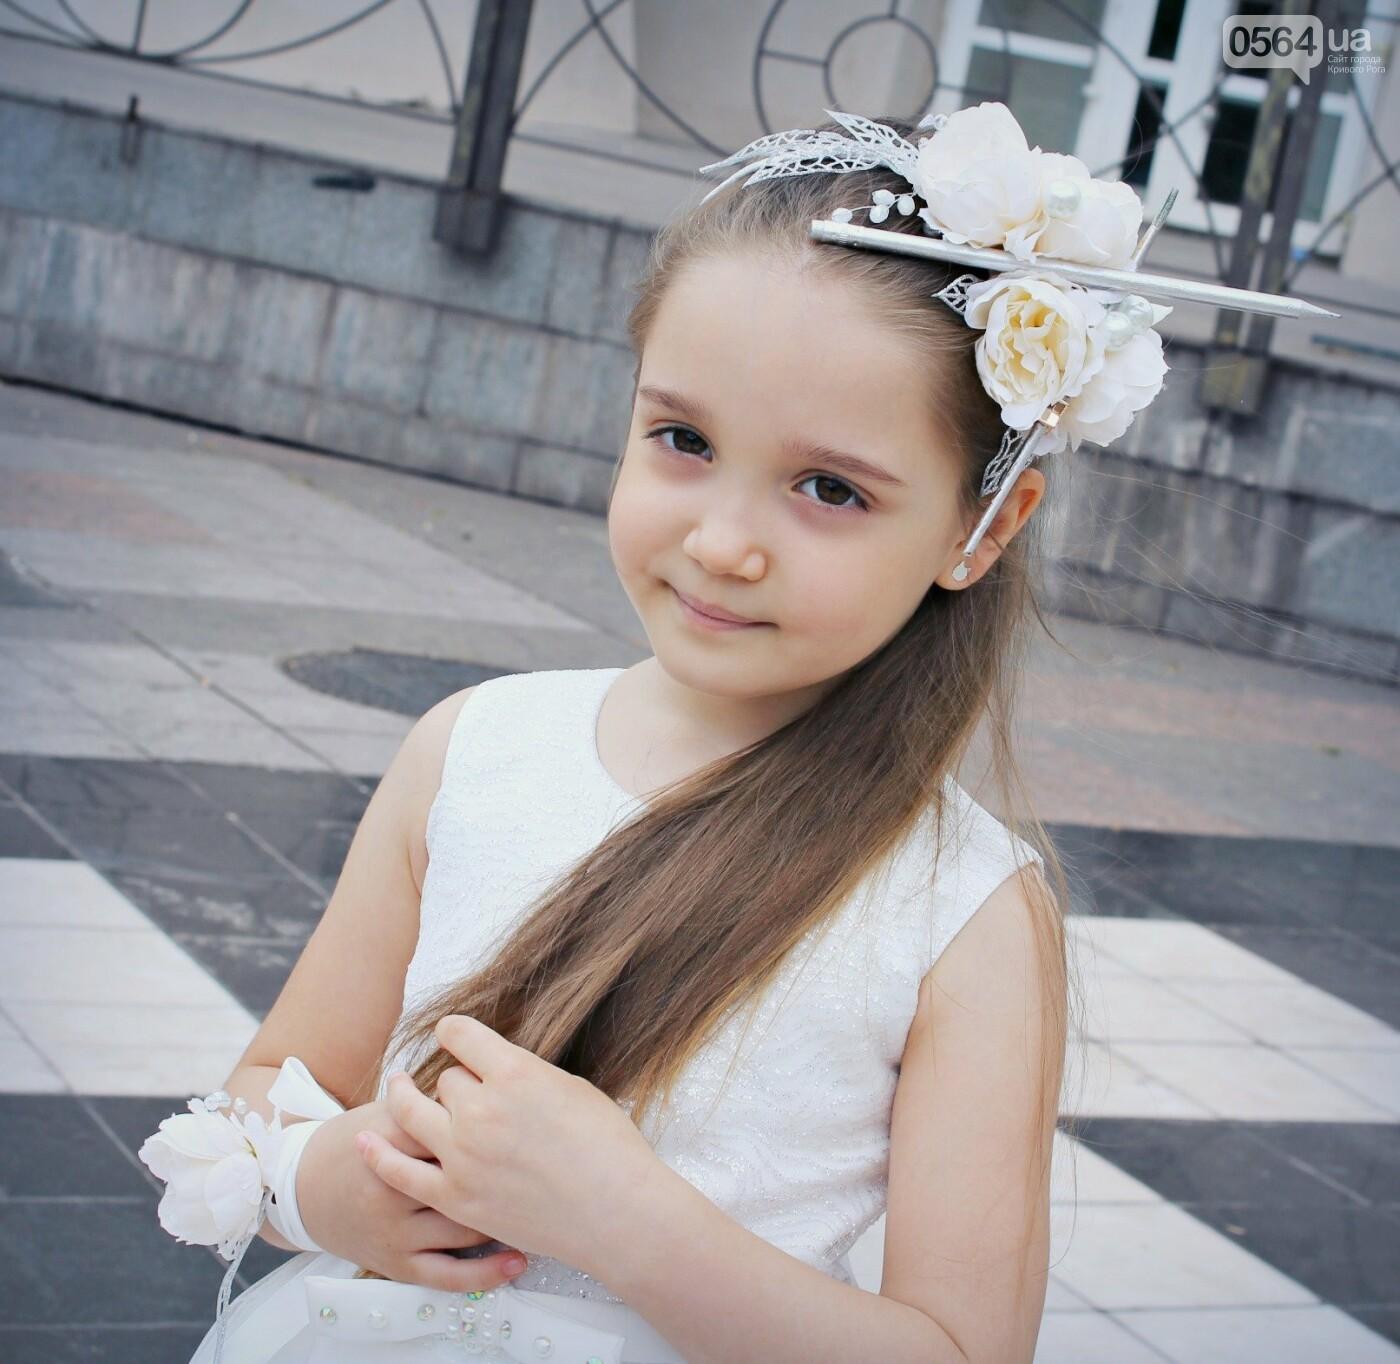 В Кривом Роге на выпускном в детском саду замечена юная последовательница Кати Осадчей, - ФОТО, ВИДЕО, фото-1